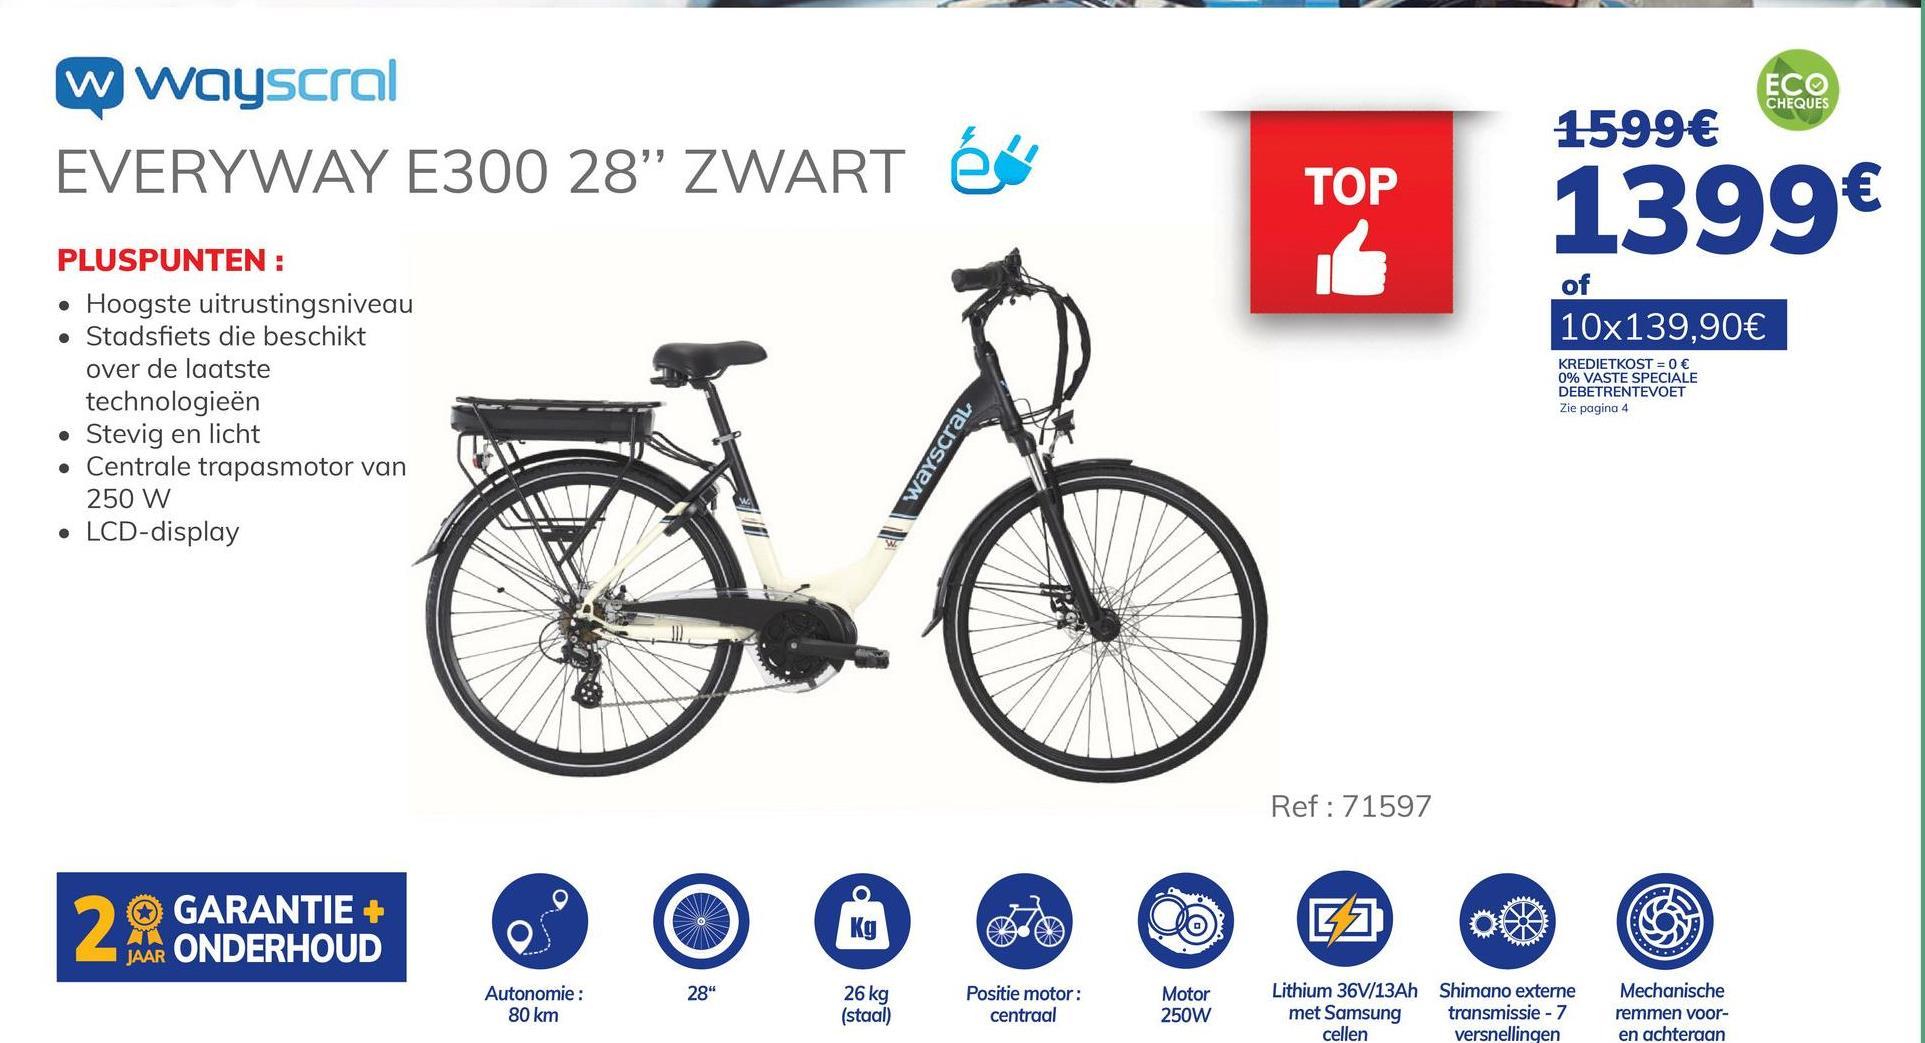 """Elektrische Fiets Wayscral Everyway E300 28"""" Zwart (batterij Inbegrepen) De Everyway E300 28 elektrische fiets van WAYSCRAL is een stadsfiets die is uitgerust met de nieuwste technologieën en staat dus dag in dag uit garant voor goede prestaties en betrouwbaarheid. Het is de fiets in het gamma met de hoogste uitrustingsniveau. Deze stadsfiets heeft een centrale trapasmotor van 250 W en een lithiumbatterij van SAMSUNG 36 V 13 Ah waarmee je snelheden tot 60 à 80 km/u kunt behalen. De assistentie helpt u tot 25 km/u. Het duurt 5 à 6 uur om de batterij op te laden. De Everyway E300 heeft een kettingkast die de ketting vrij houdt van vuil en stof, en ook het lawaai van de ketting dempt. Hij beschikt ook over een verstelbare stuurpen, een telescopische vork en een laag zwaartepunt voor een beter rijcomfort. Deze fiets heeft een externe transmissie """"Shimano Altus"""" met 7 versnellingen. De fiets is stevig en licht dankzij het aluminium frame. Het remsysteem bestaat uit een mechanische schijfrem. Met zijn LCD-display kunt u 6 zaken in het oog houden en regelen: de snelheid, het batterijniveau van de fiets, het batterijniveau van de smartphone, of u kunt er een GPS aan koppelen via de USB-aansluiting. Deze fiets is ideaal om te fietsen in heuvelachtig landschap of om zonder moeite zaken te vervoeren (babydrager, bagage, etc. ...). De oplader wordt met de fiets geleverd."""". - Hoogste uitrustingsniveau. - Stadsfiets die beschikt over de laatste technologieën. - Centrale trapasmotor van 250 W. - Stevig en licht. - LCD-display. - Lithiumbatterij van SAMSUNG 36 V 13 Ah. Ontdek de premies bij het kopen van een elektrische fiets. Klik hier >"""""""